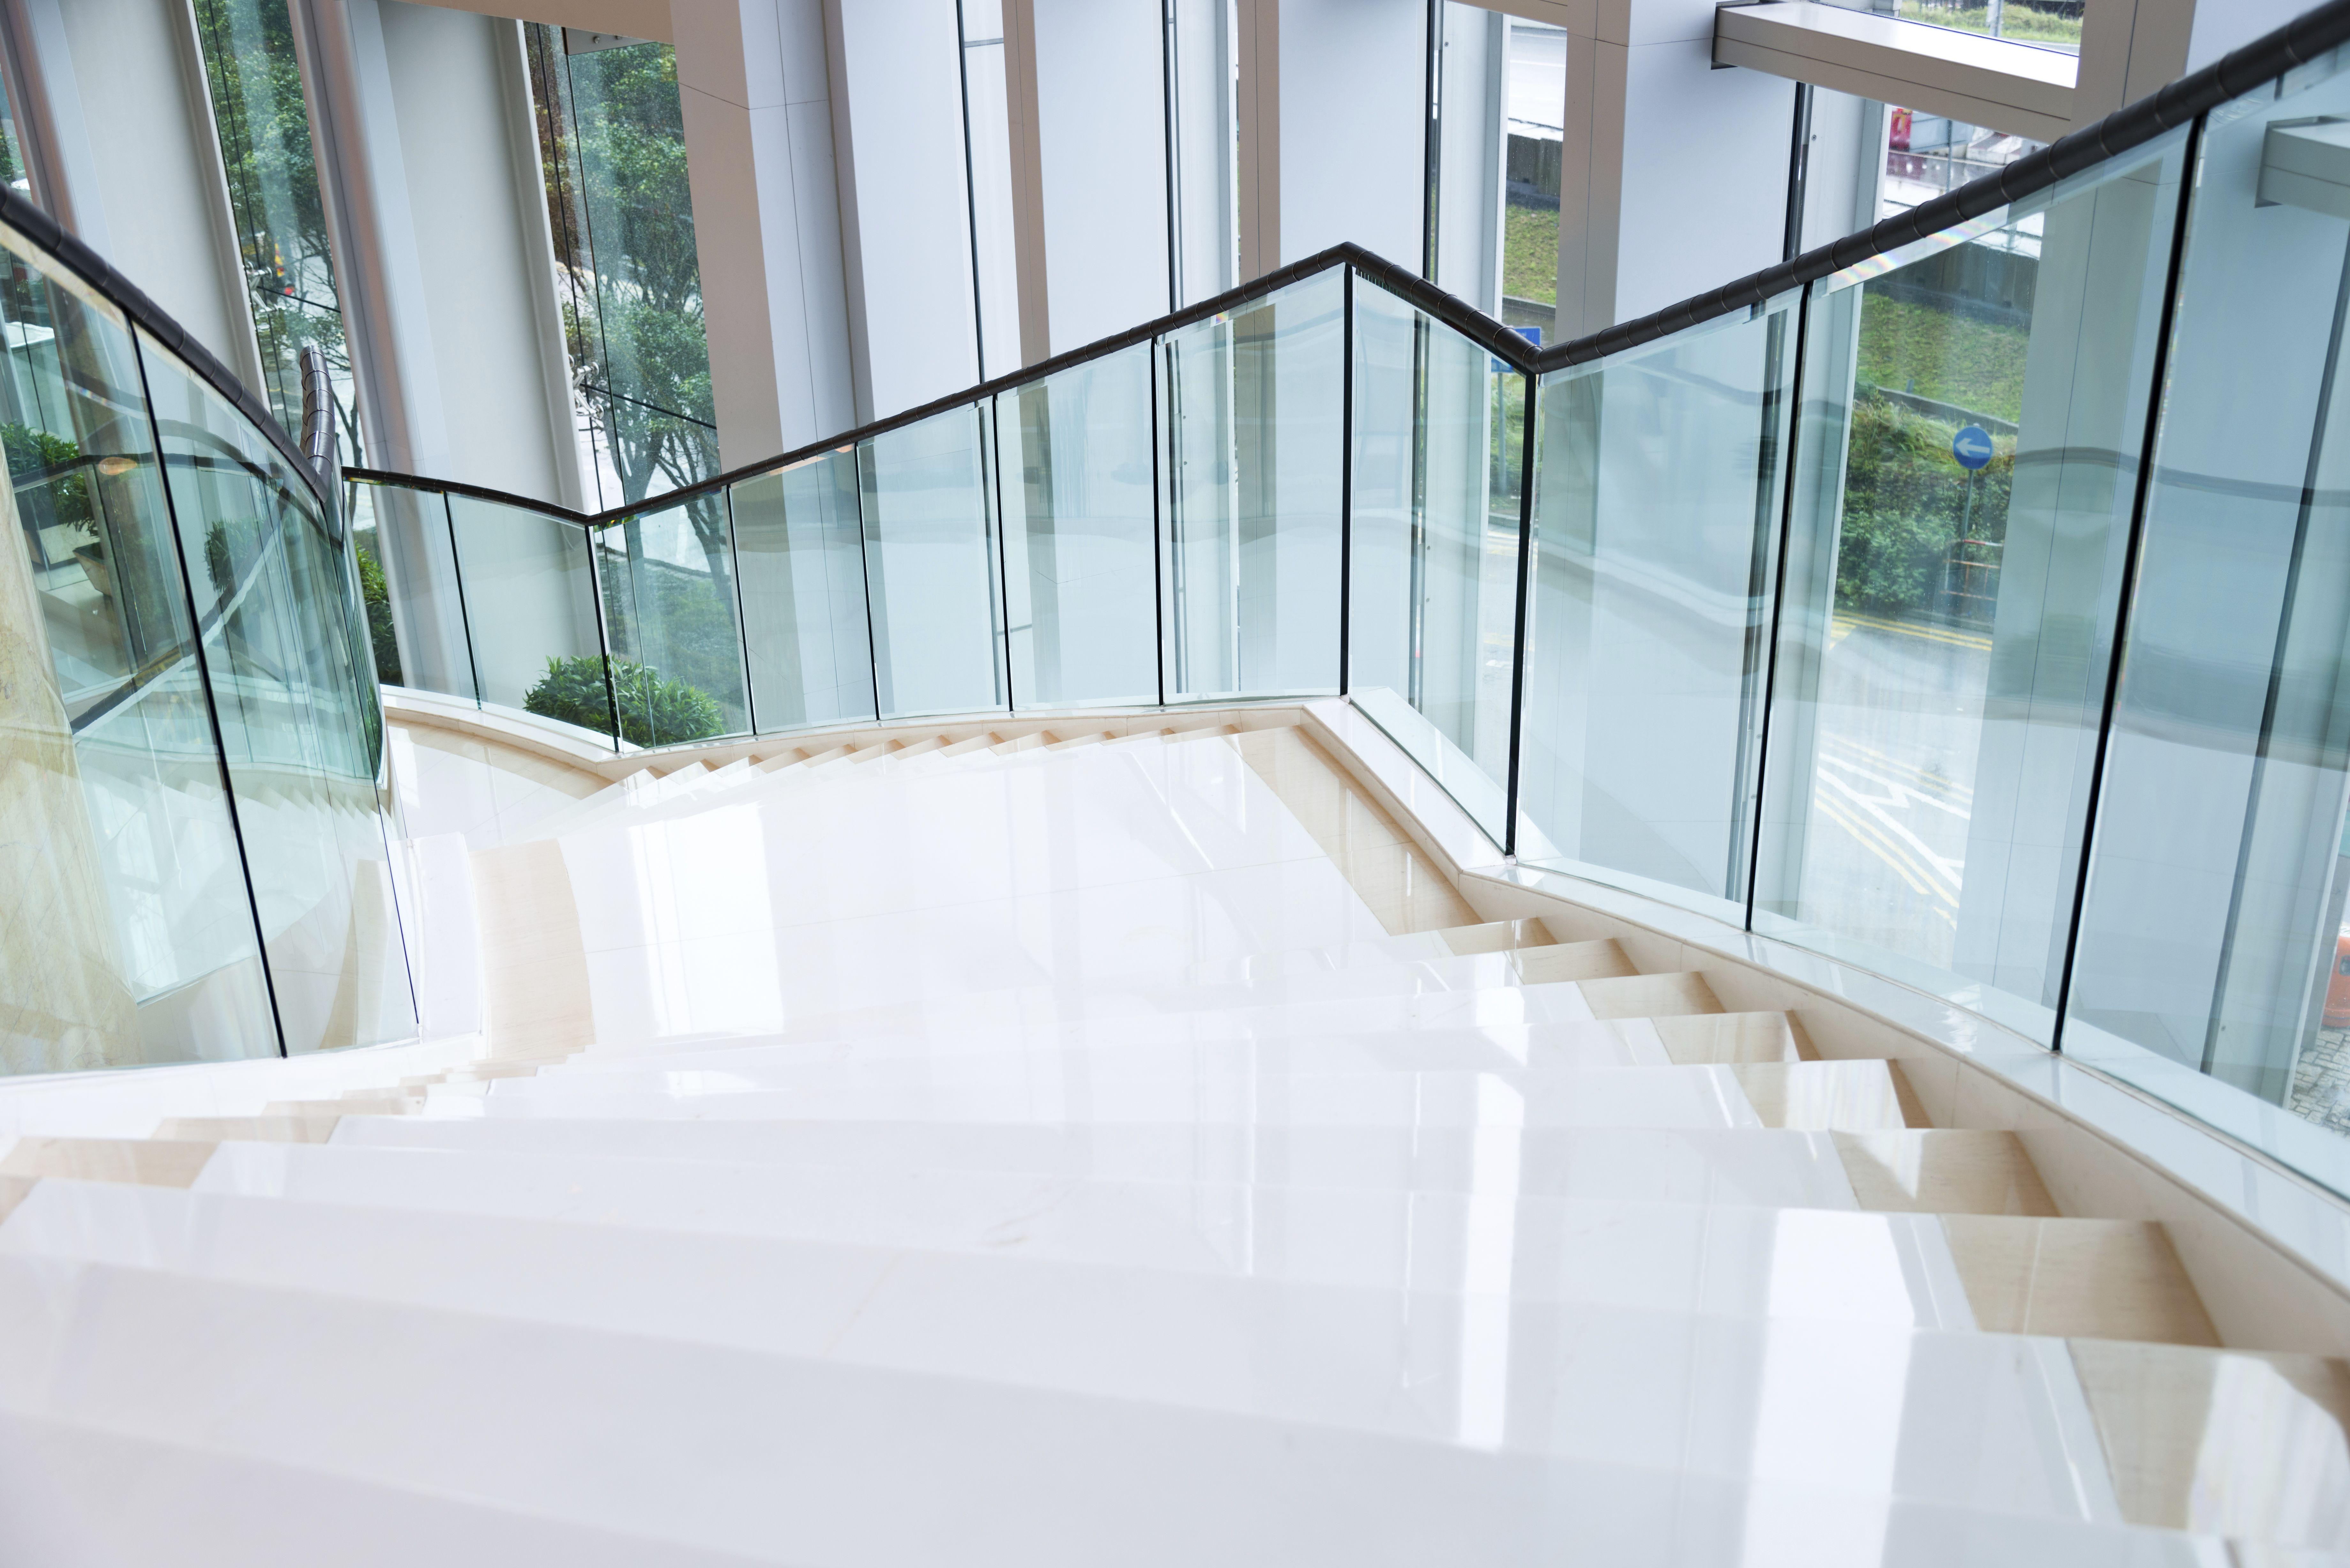 Escaleras: Productos y servicios de Cristalería Laraglass85